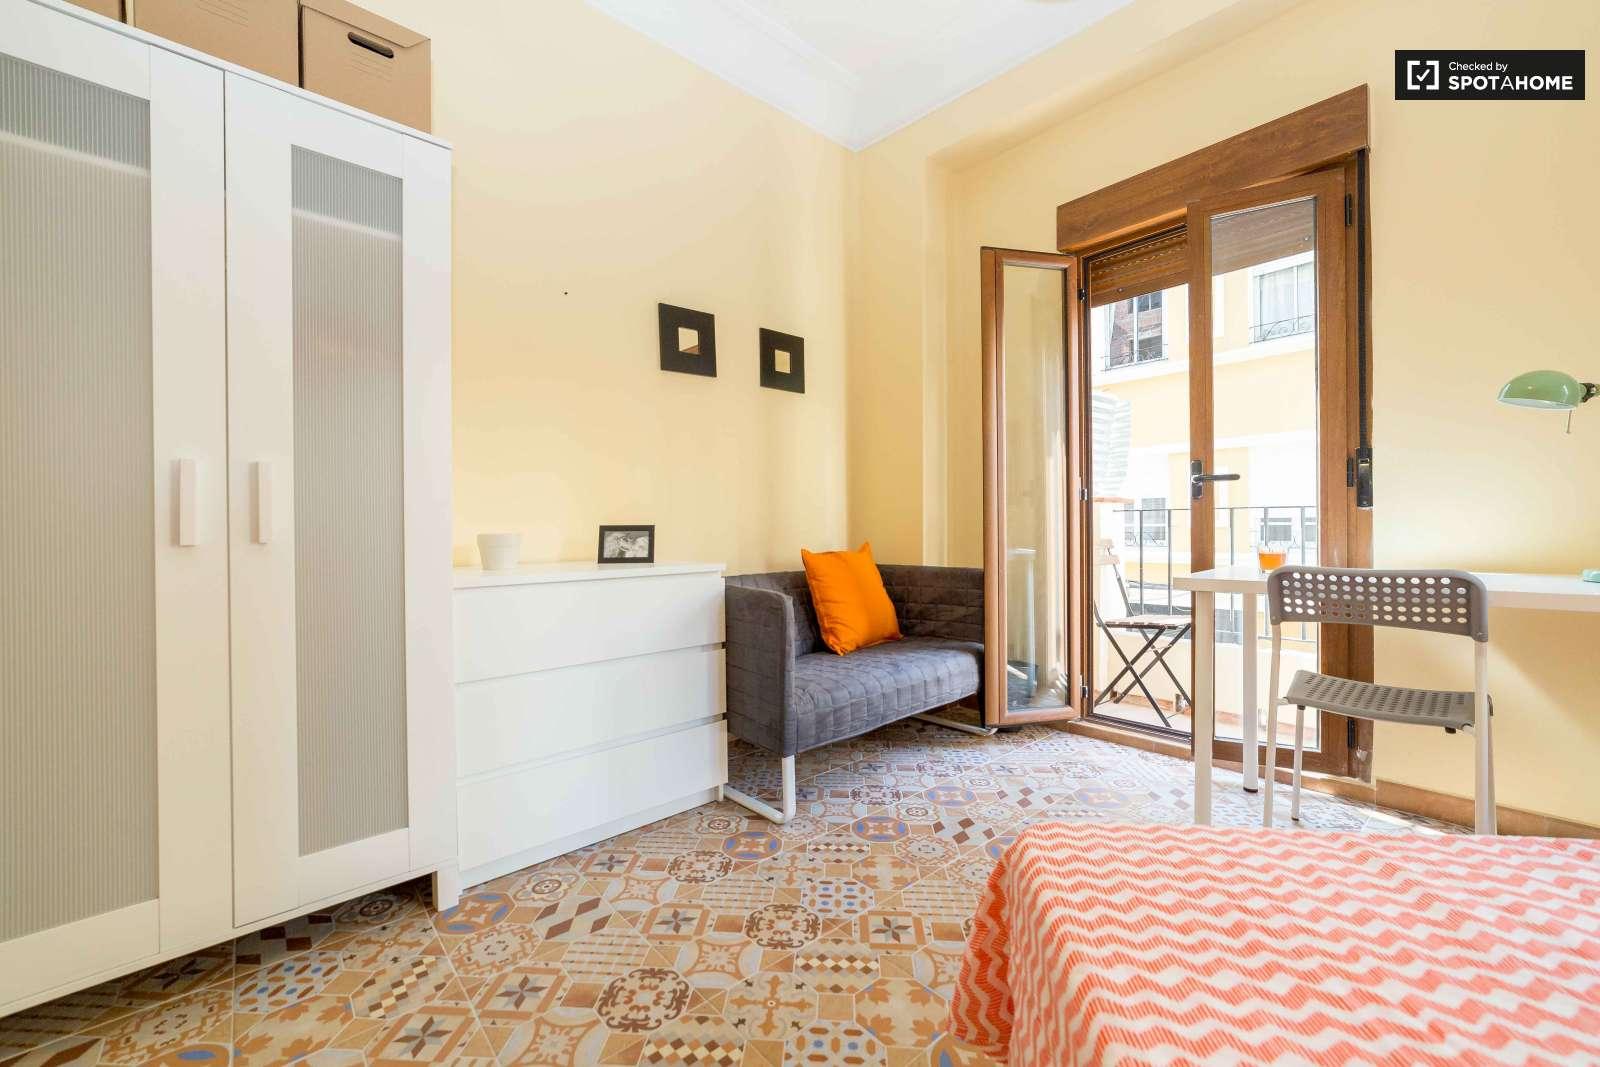 Habitaci n en alquiler en piso de 5 habitaciones en for Piso 5 habitaciones valencia